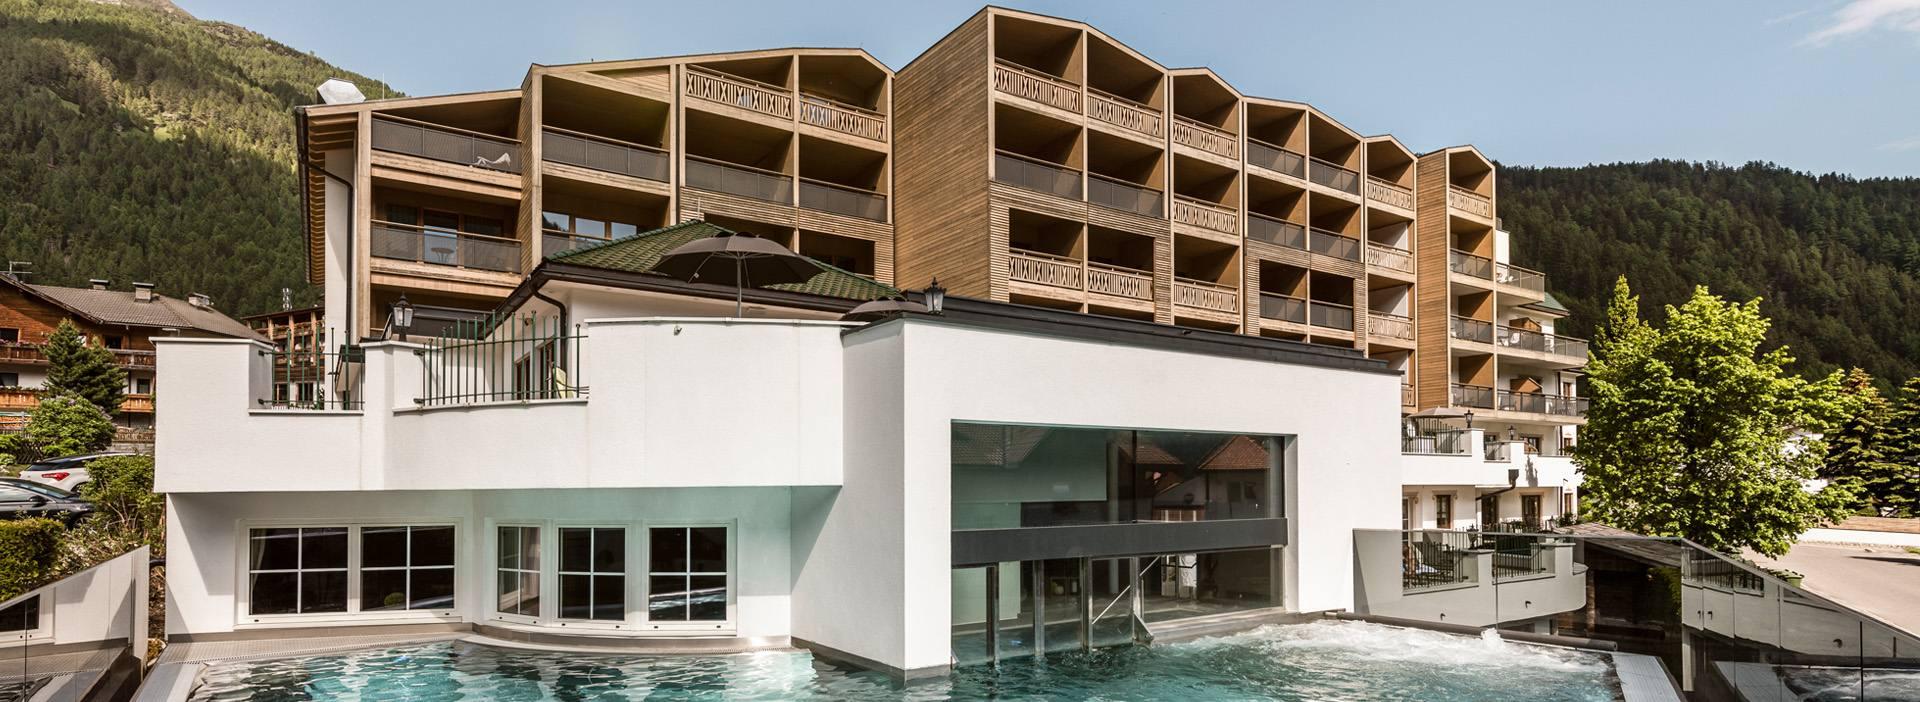 Falkensteinerhof Hotel & Spa